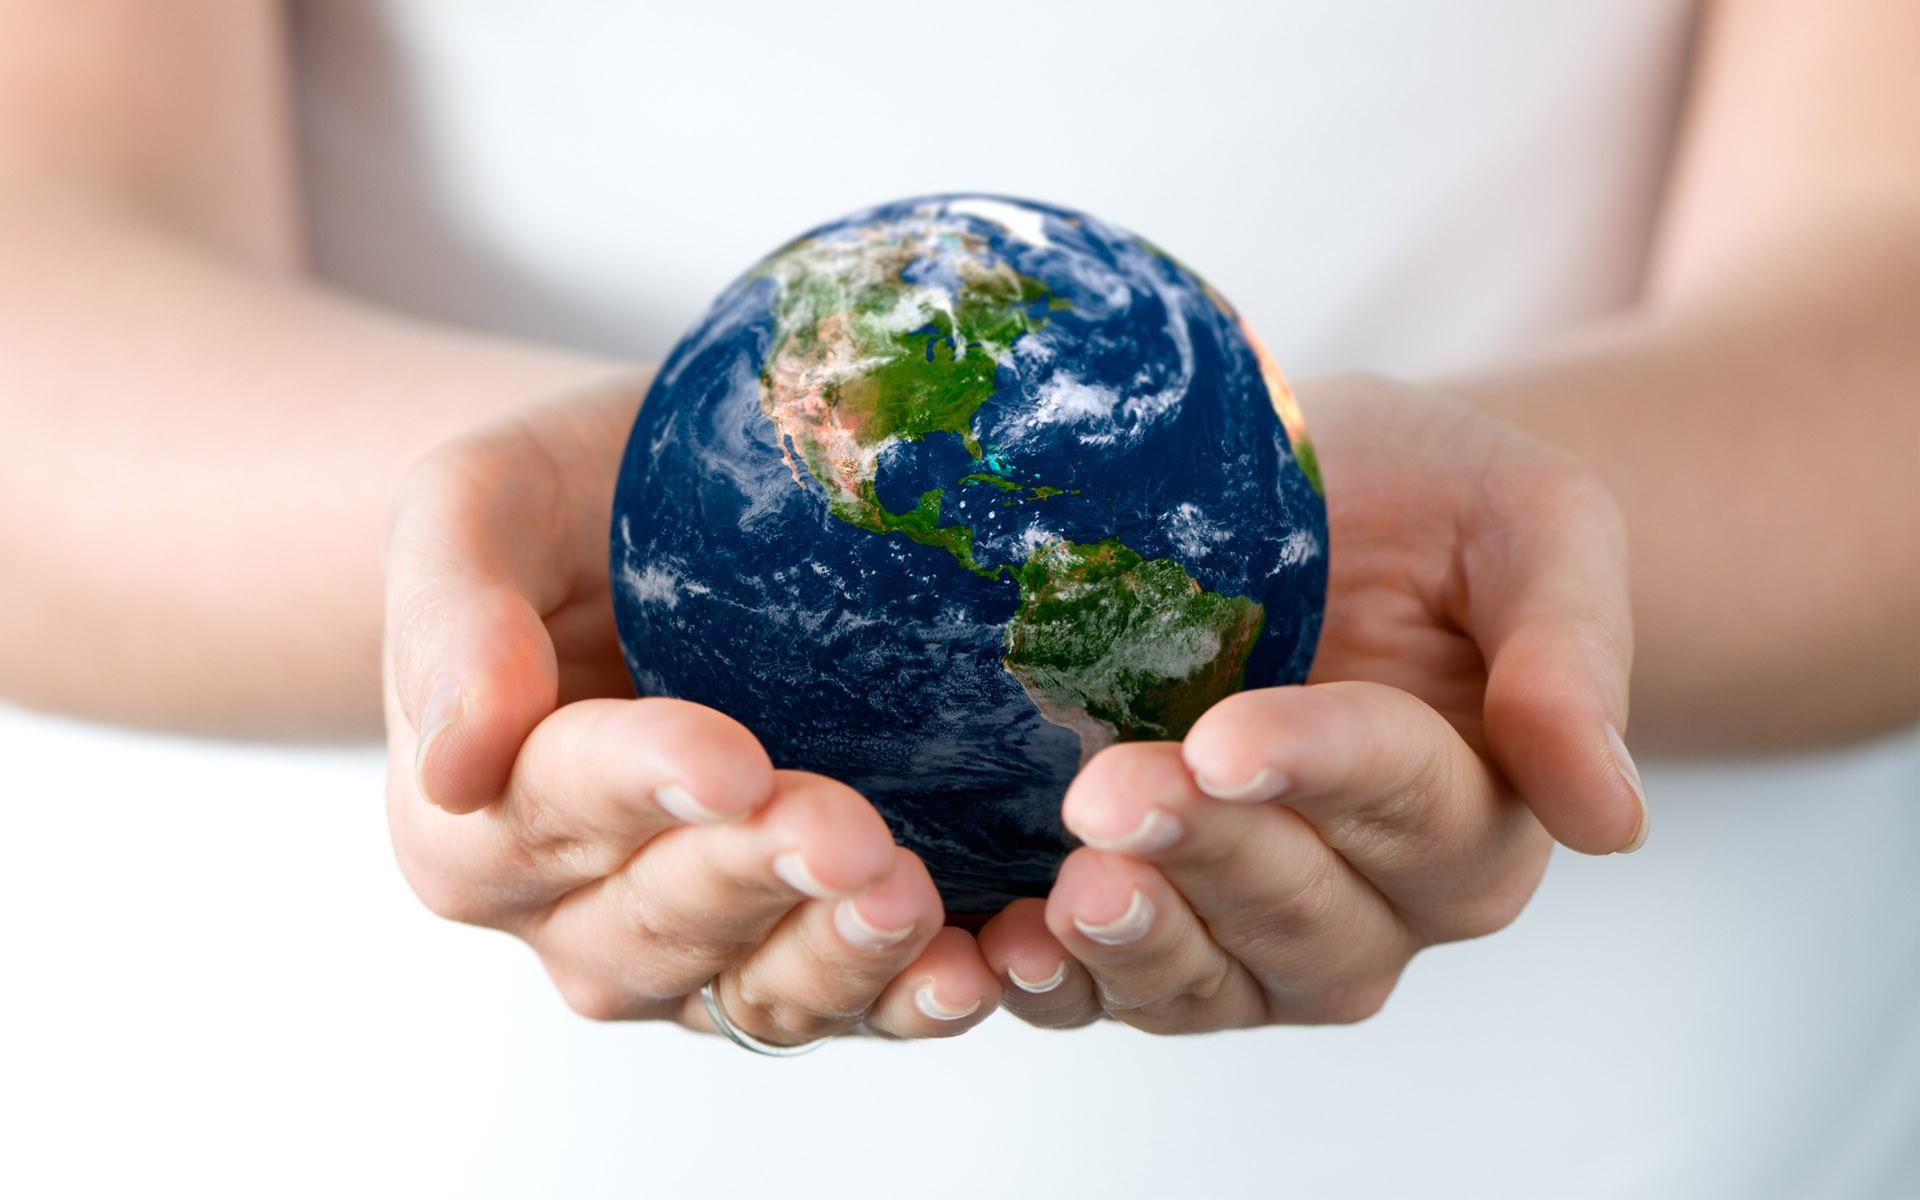 Экология картинки своими руками